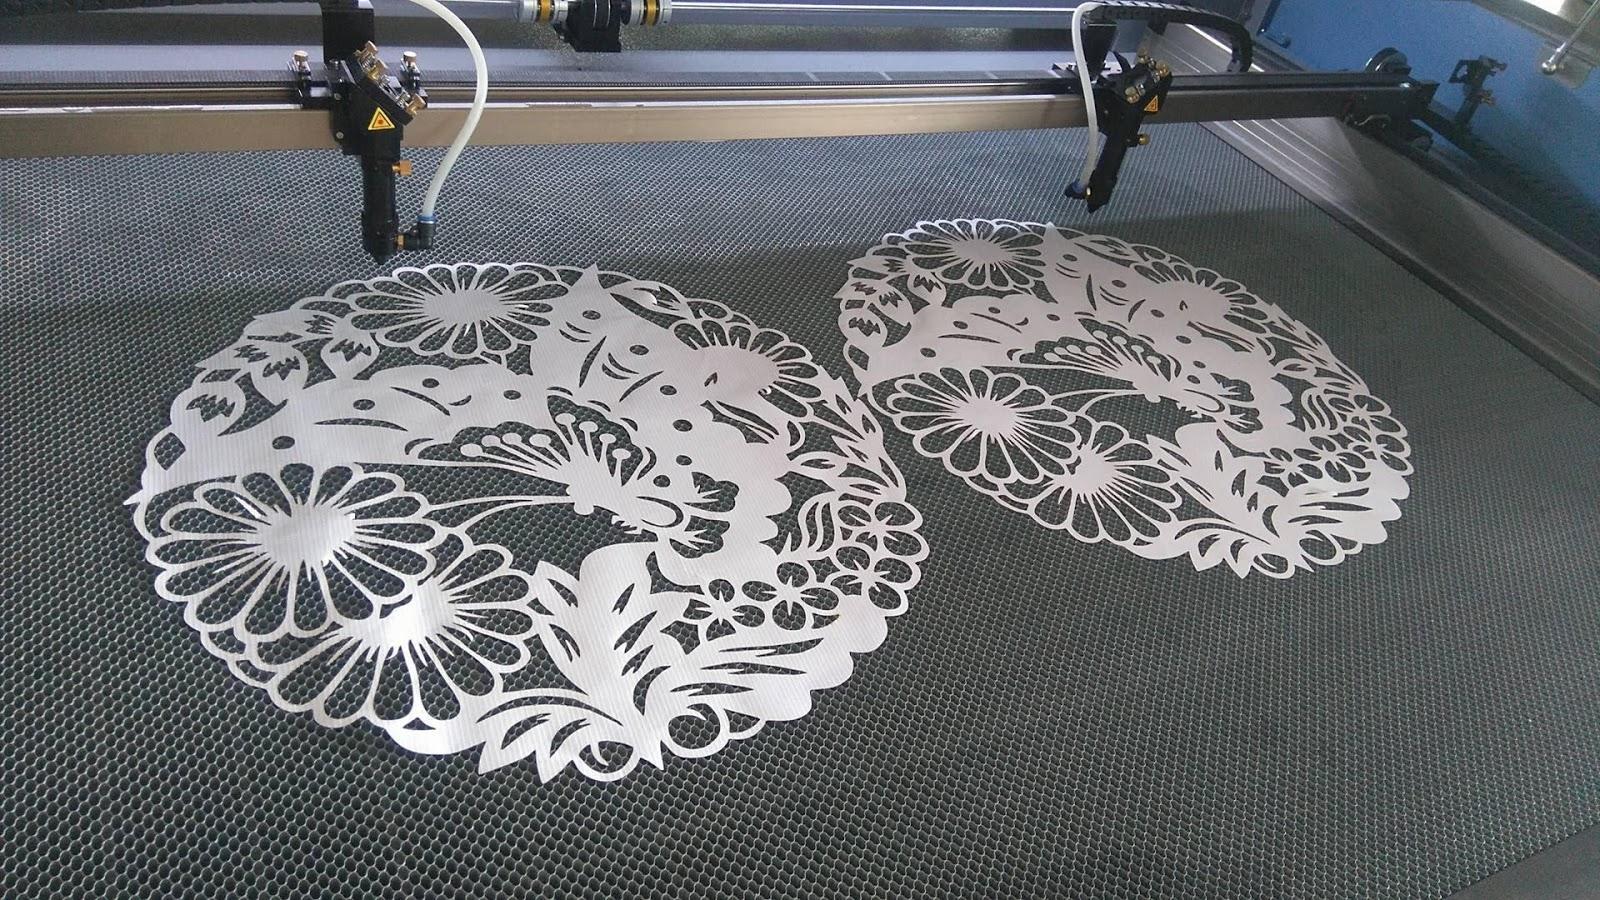 Công nghệ cắt laser hoa văn trên vải với số lượng lớn, chất lượng cao